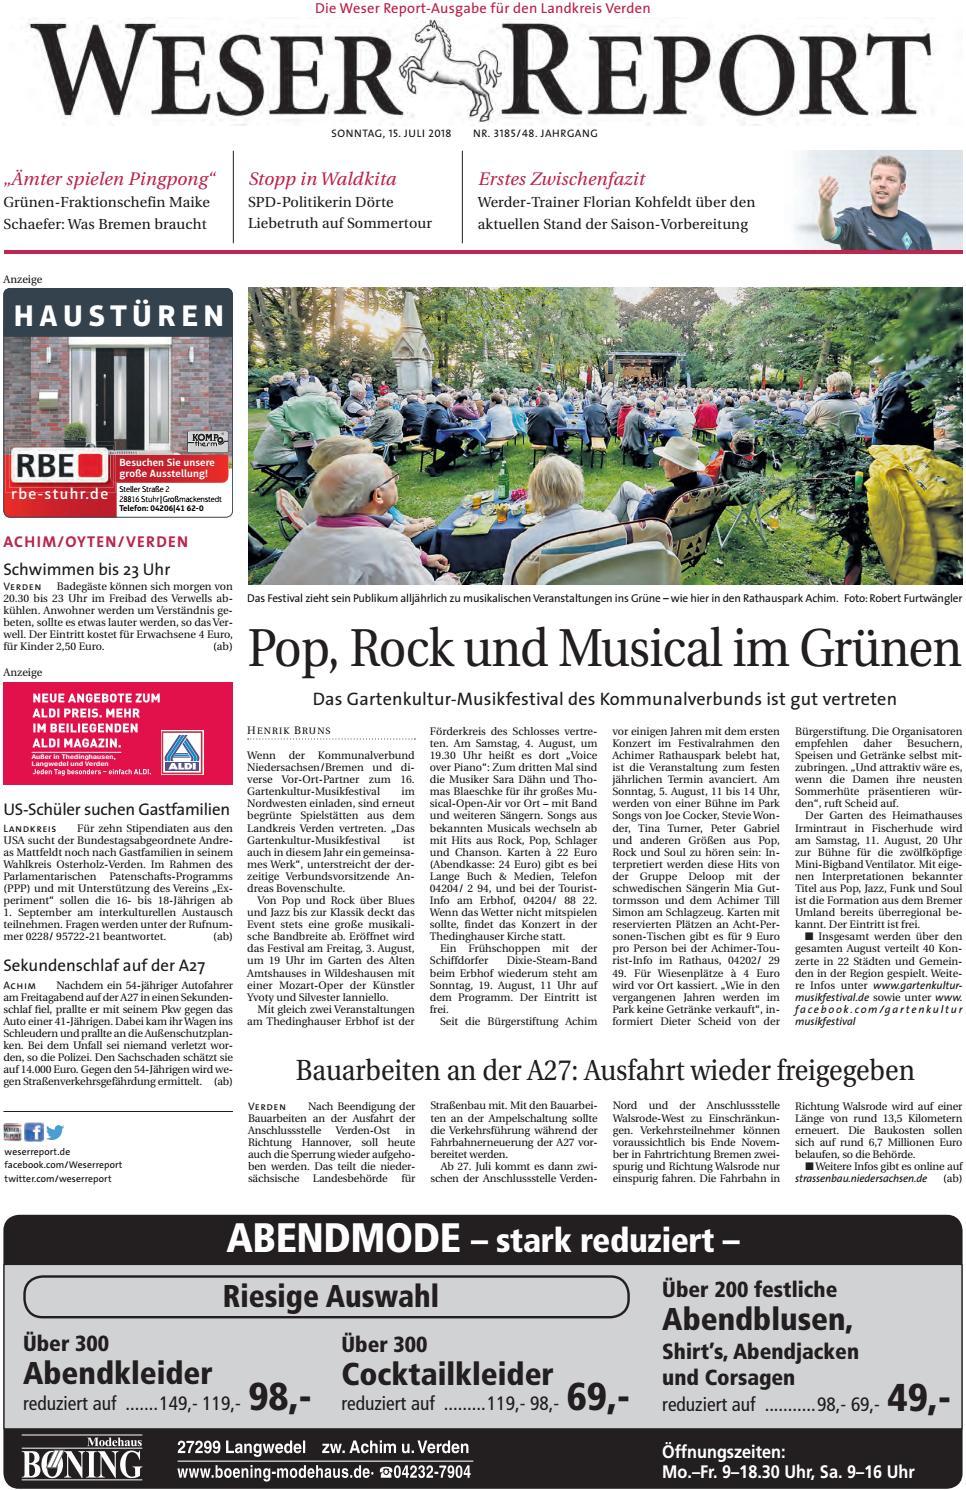 Weser Report - Achim, Oyten, Verden vom 15.07.2018 by KPS ...